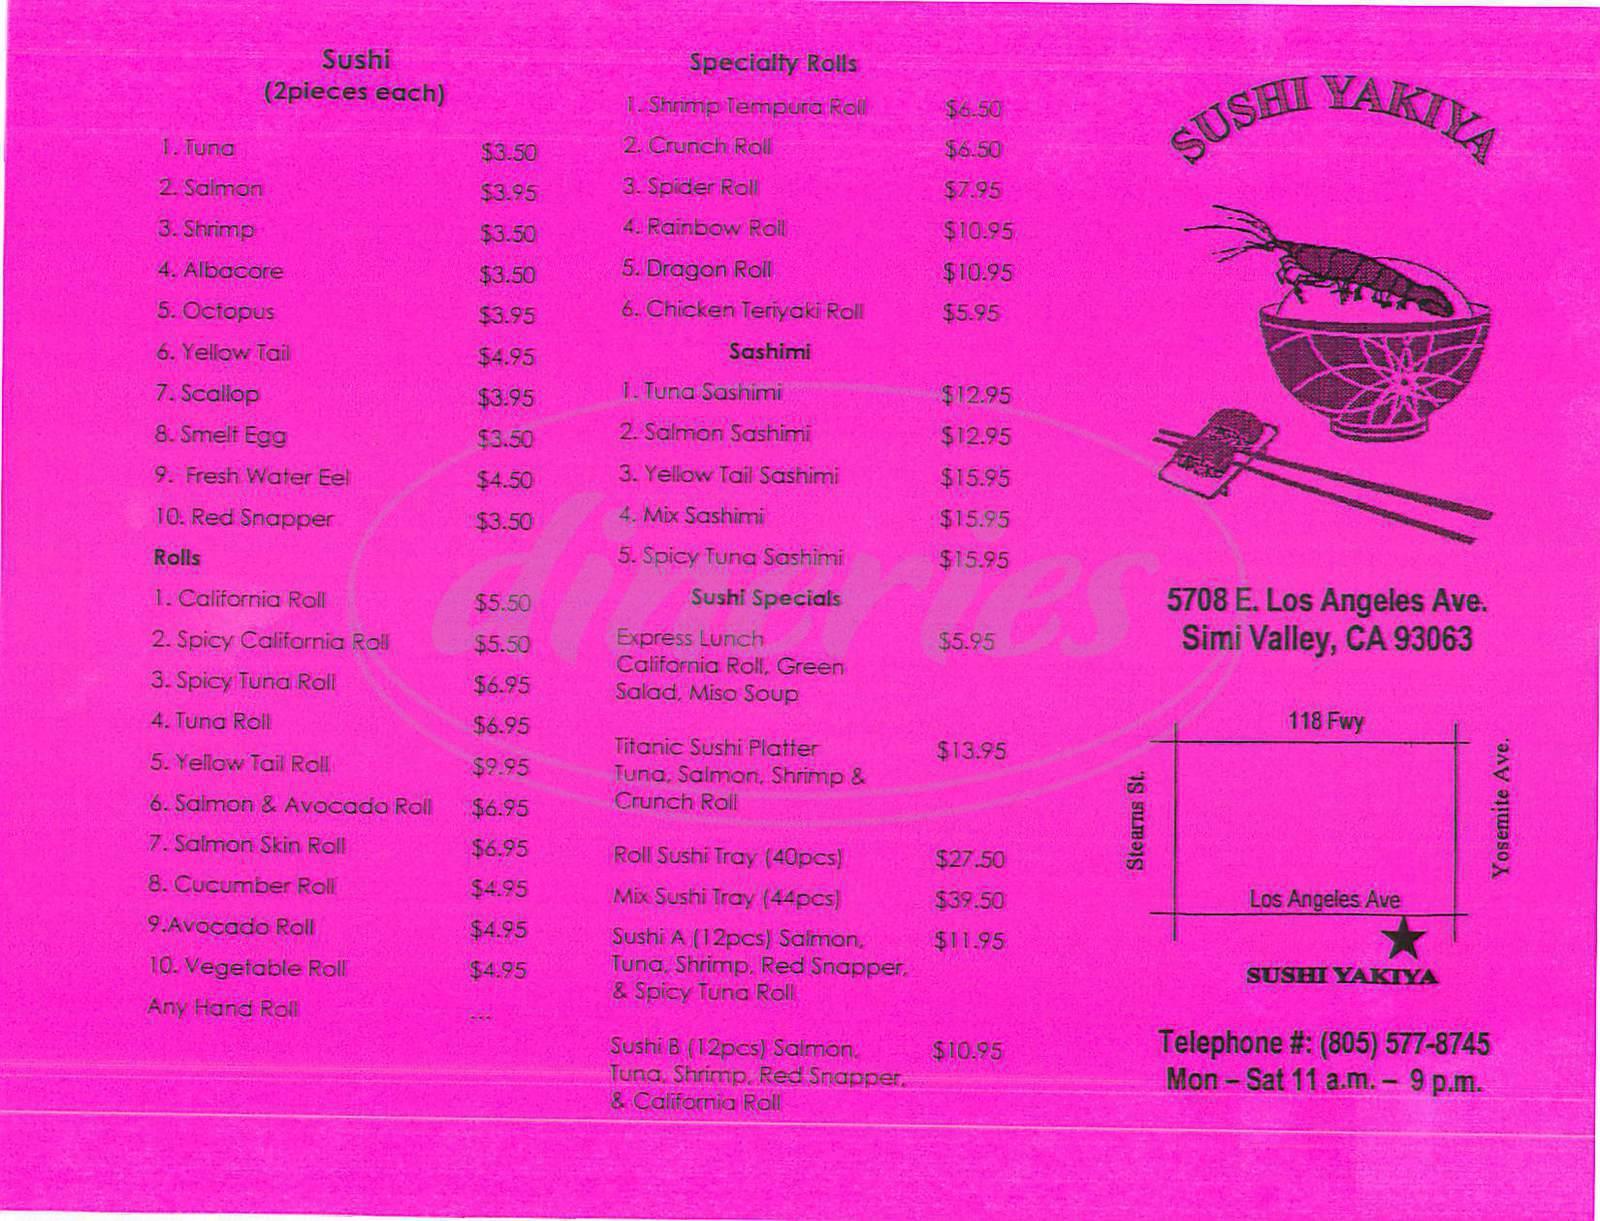 menu for Sushi Yakiya